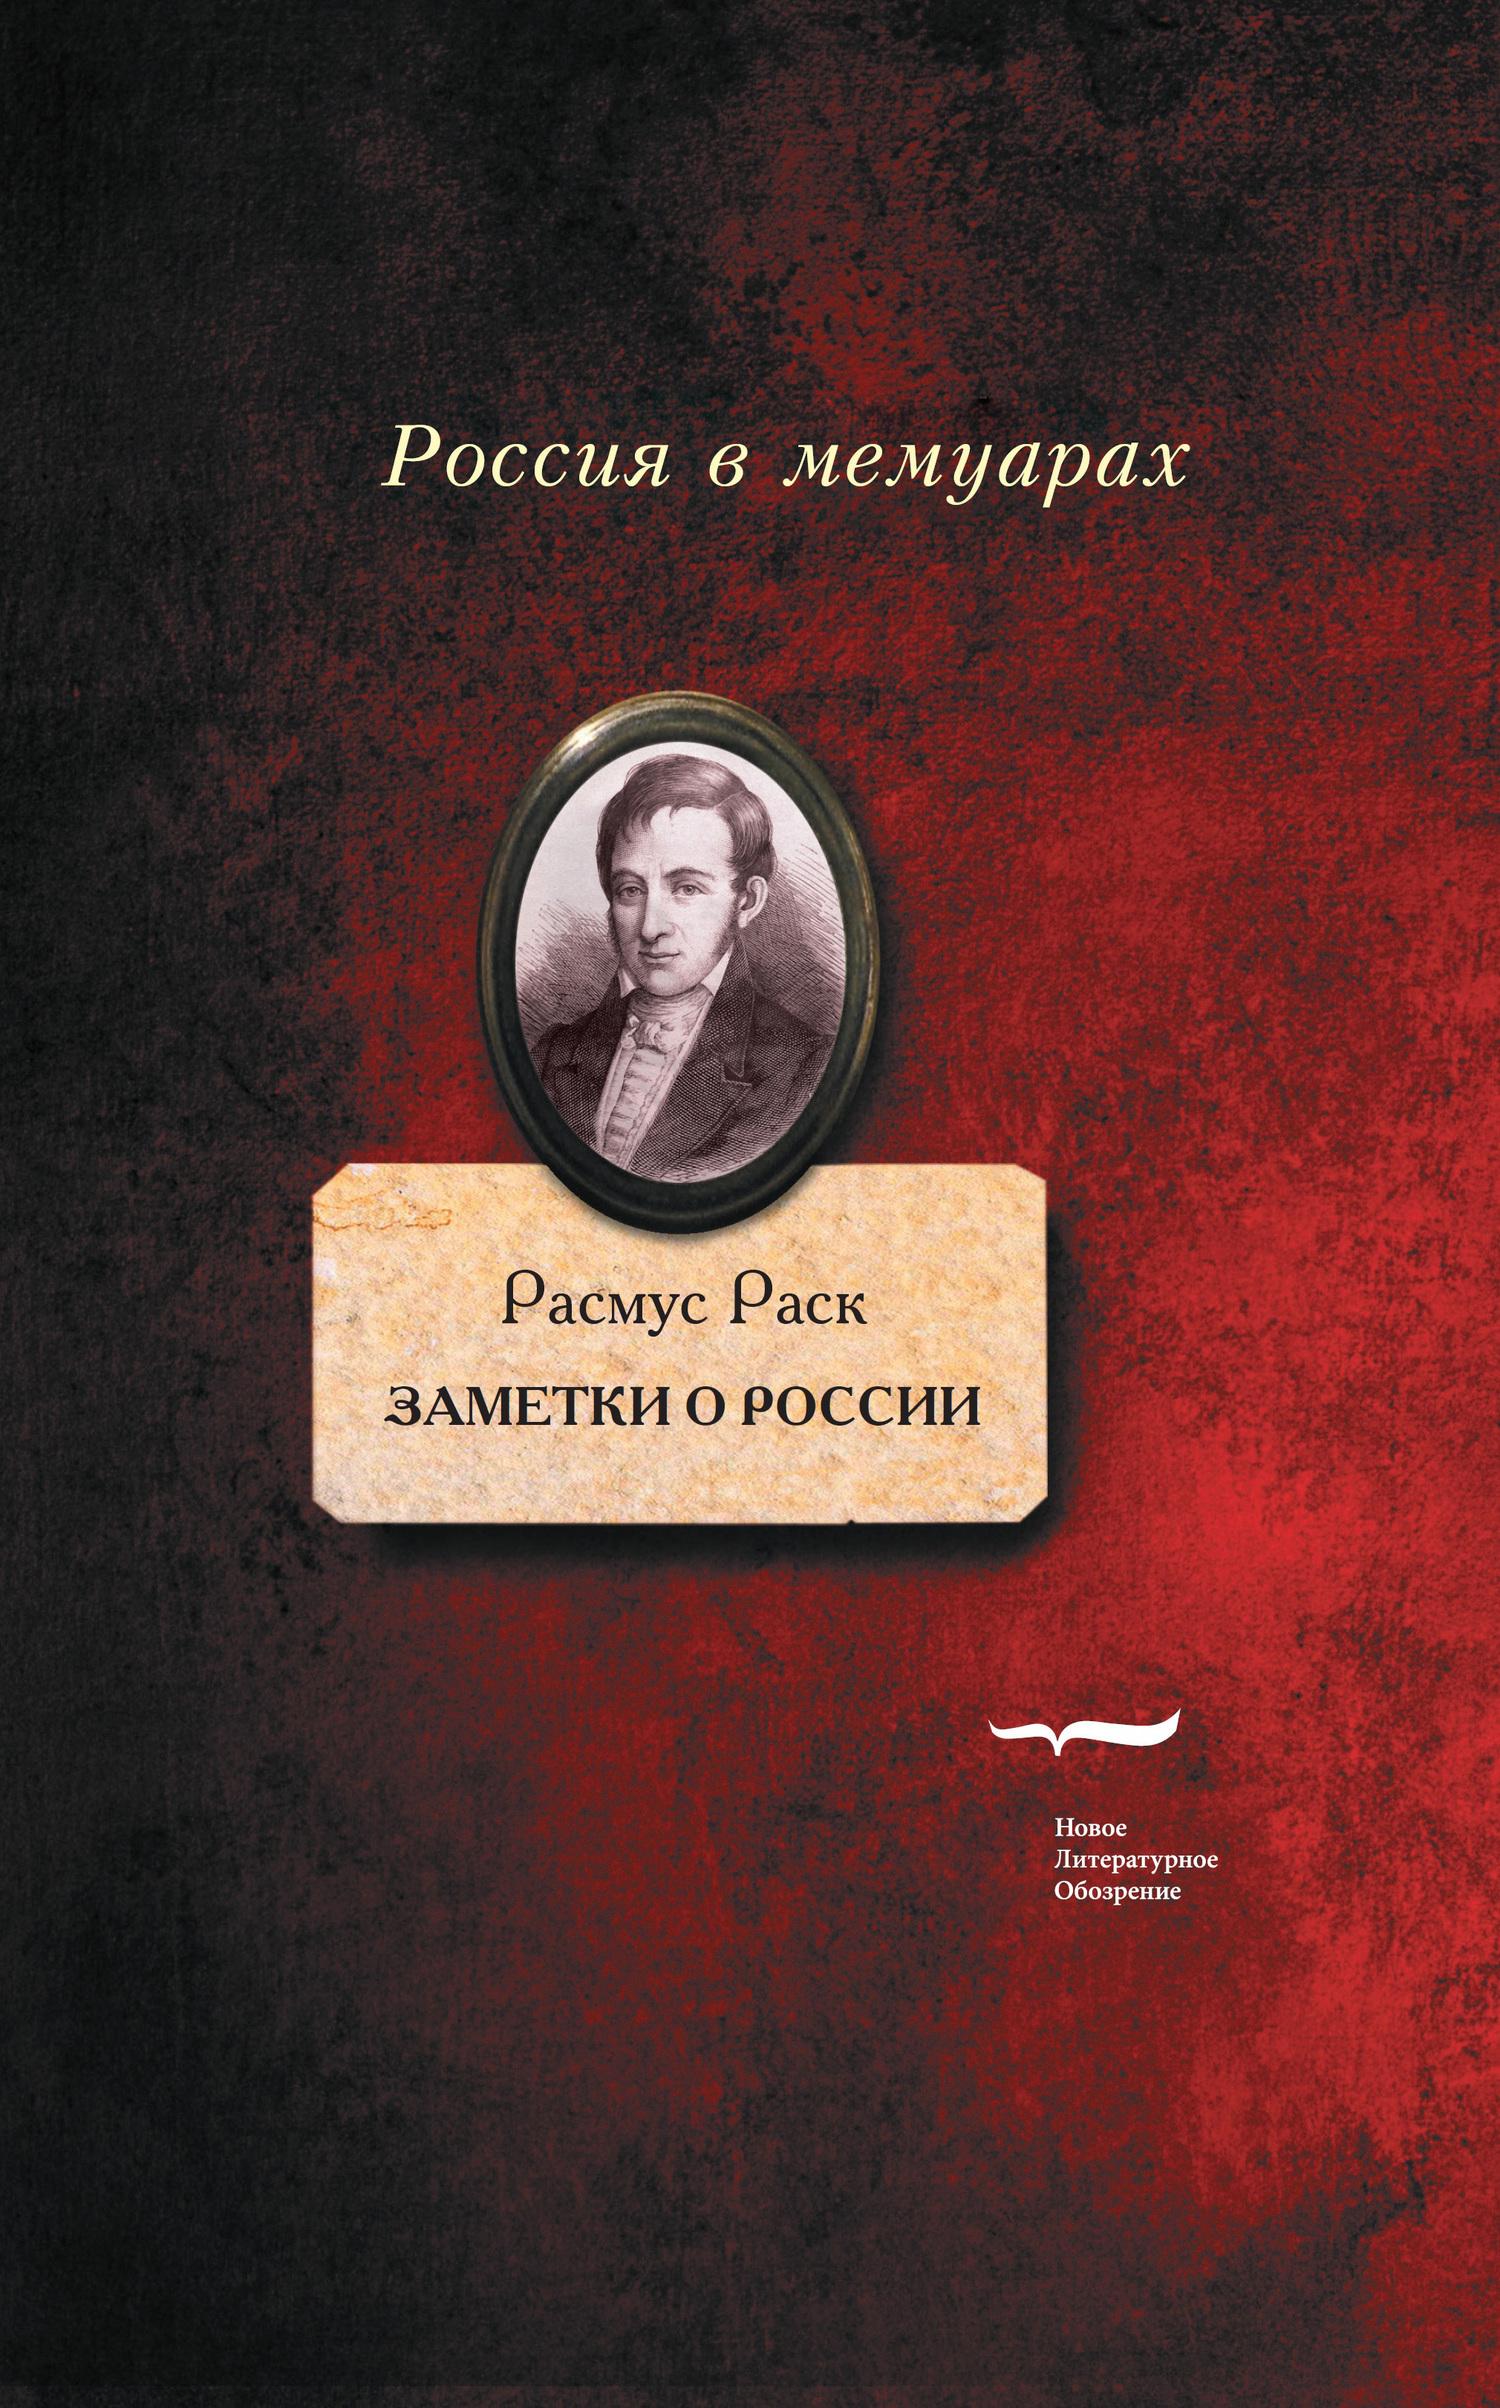 Расмус Раск Заметки о России ISBN: 978-5-4448-1000-2 контрасты осязаемого времени портреты размышления